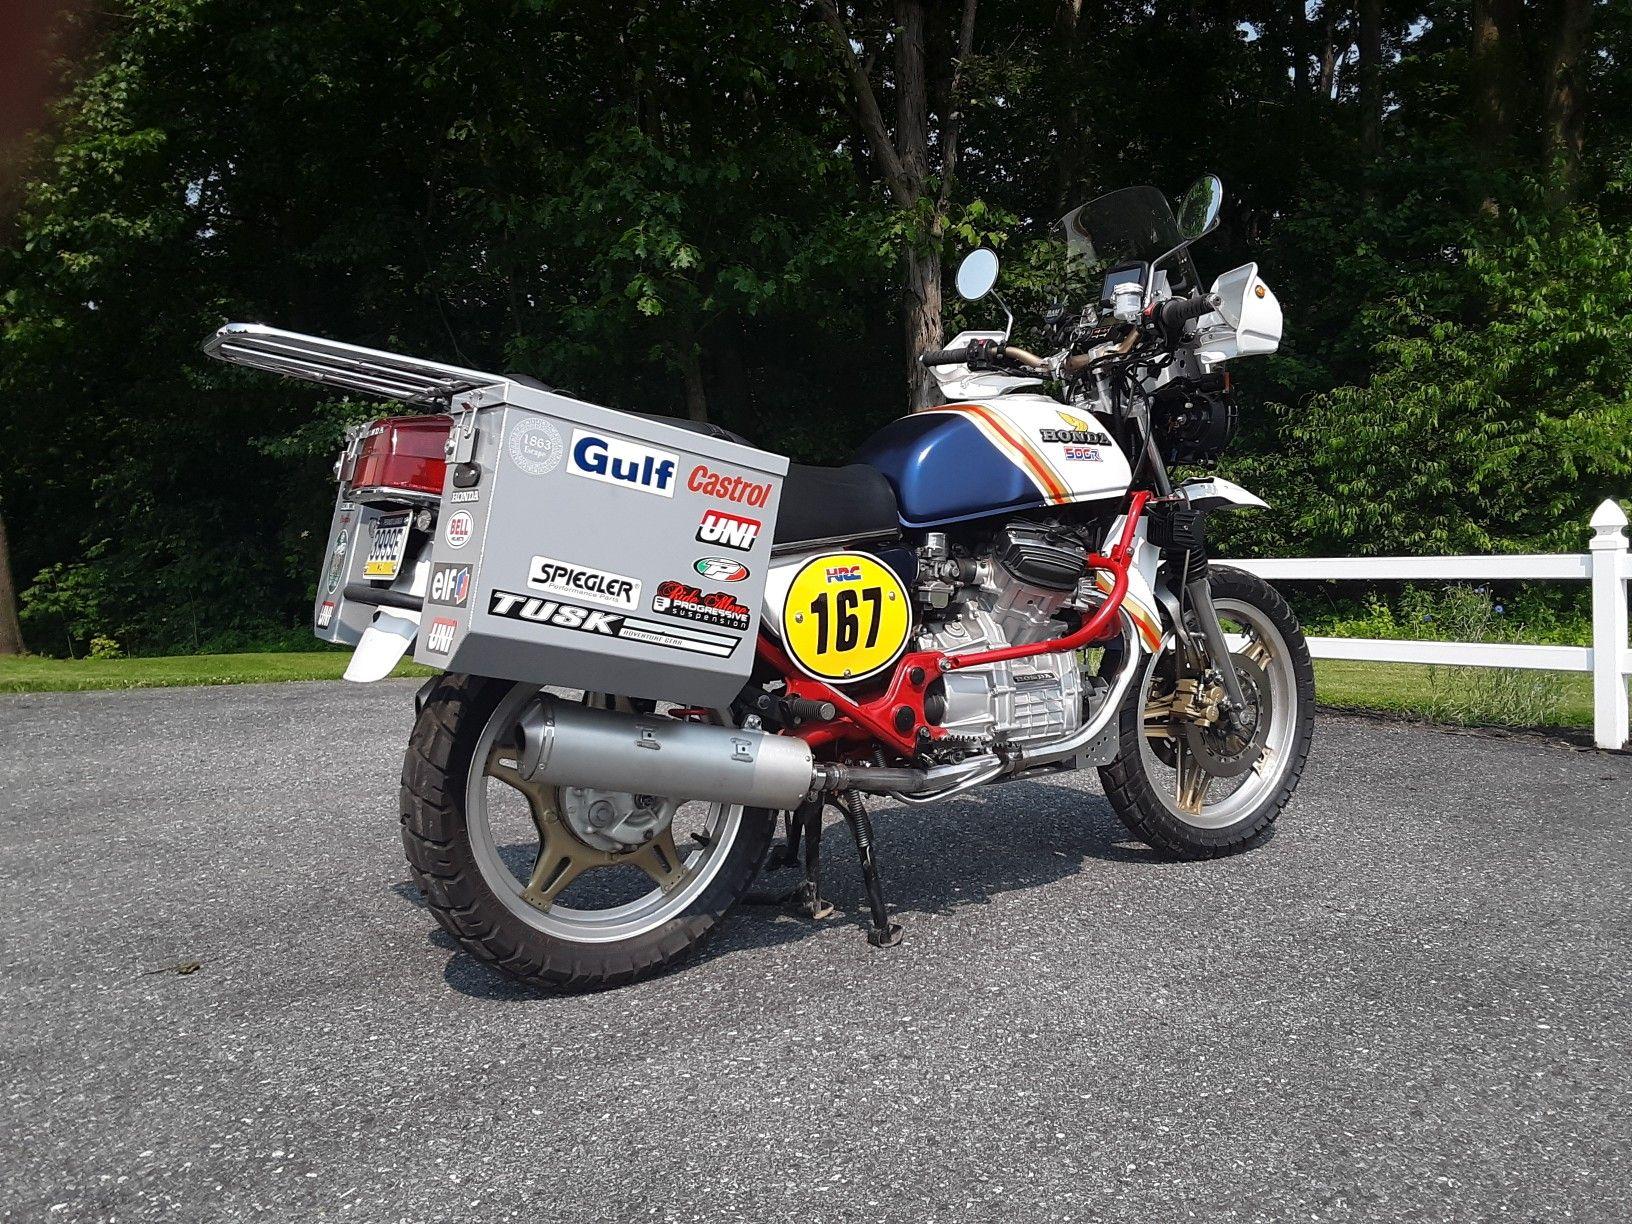 Honda Cx 500 Adventure Bike Adventure Bike Honda Cx500 Honda